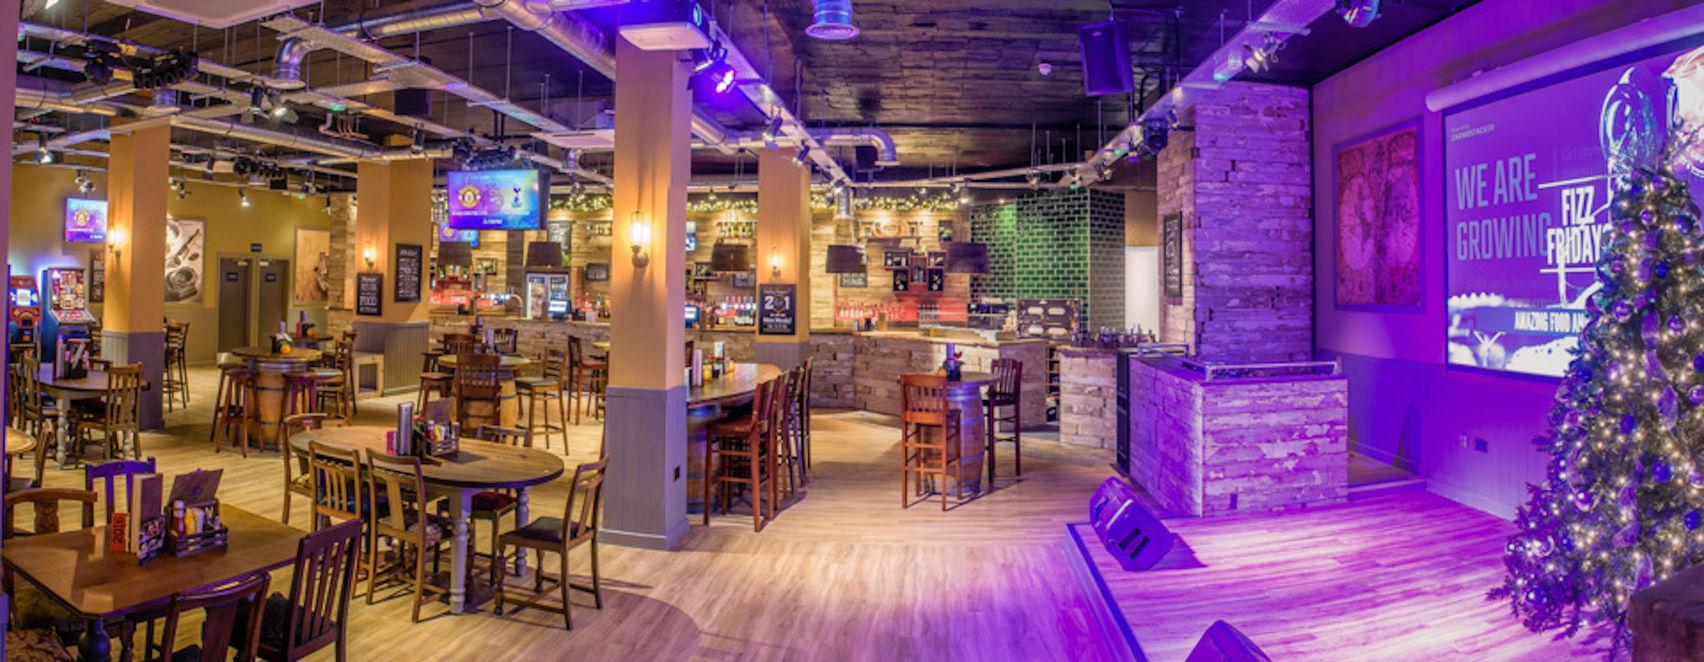 Shooters Bar, Bierkeller Entertainment Complex